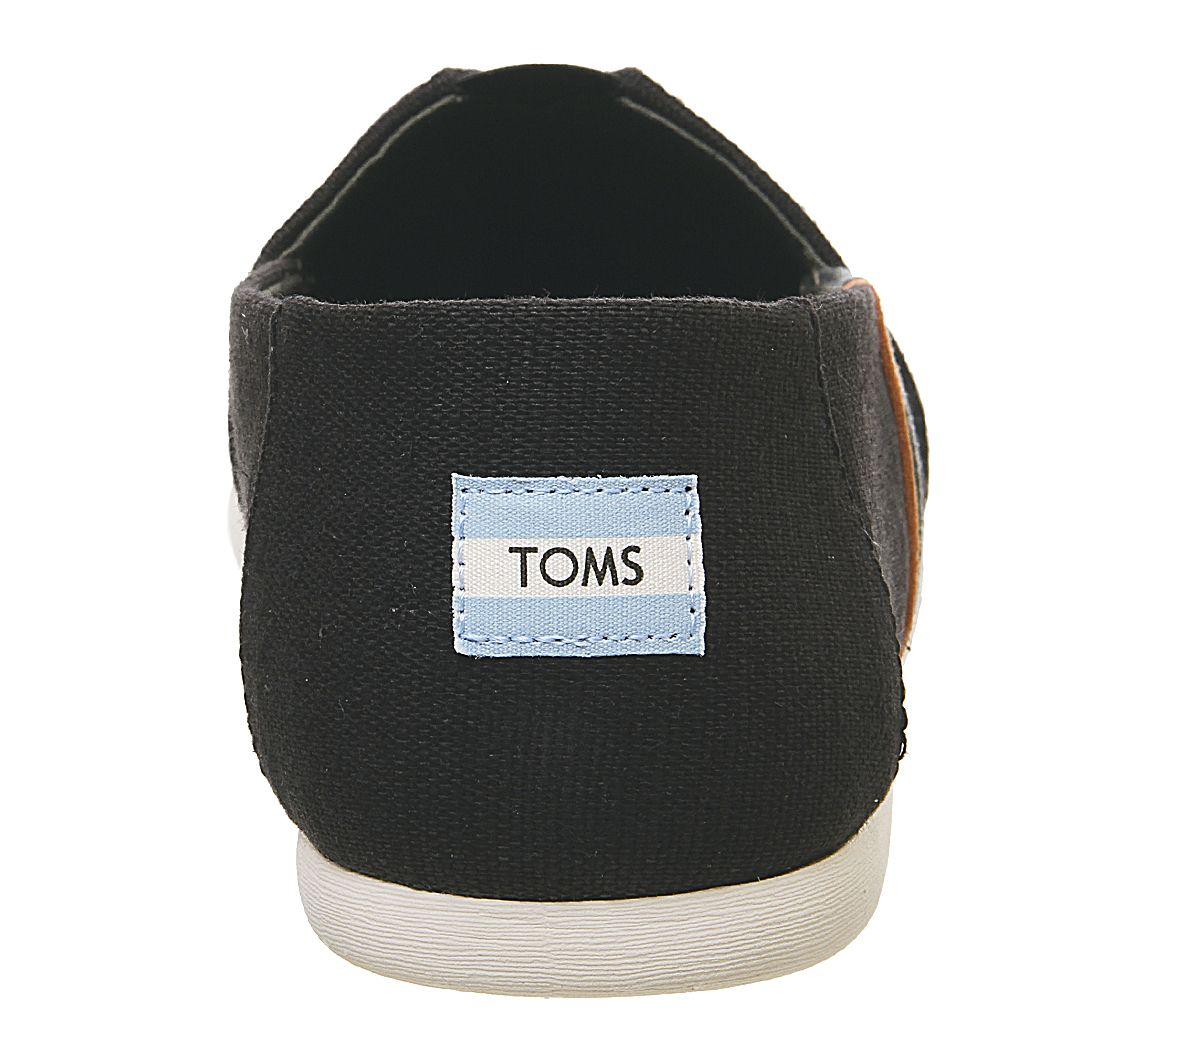 Da-Uomo-Toms-Toms-Classic-Nero-Oliva-Blocco-Tela-Scarpe-Casual miniatura 4